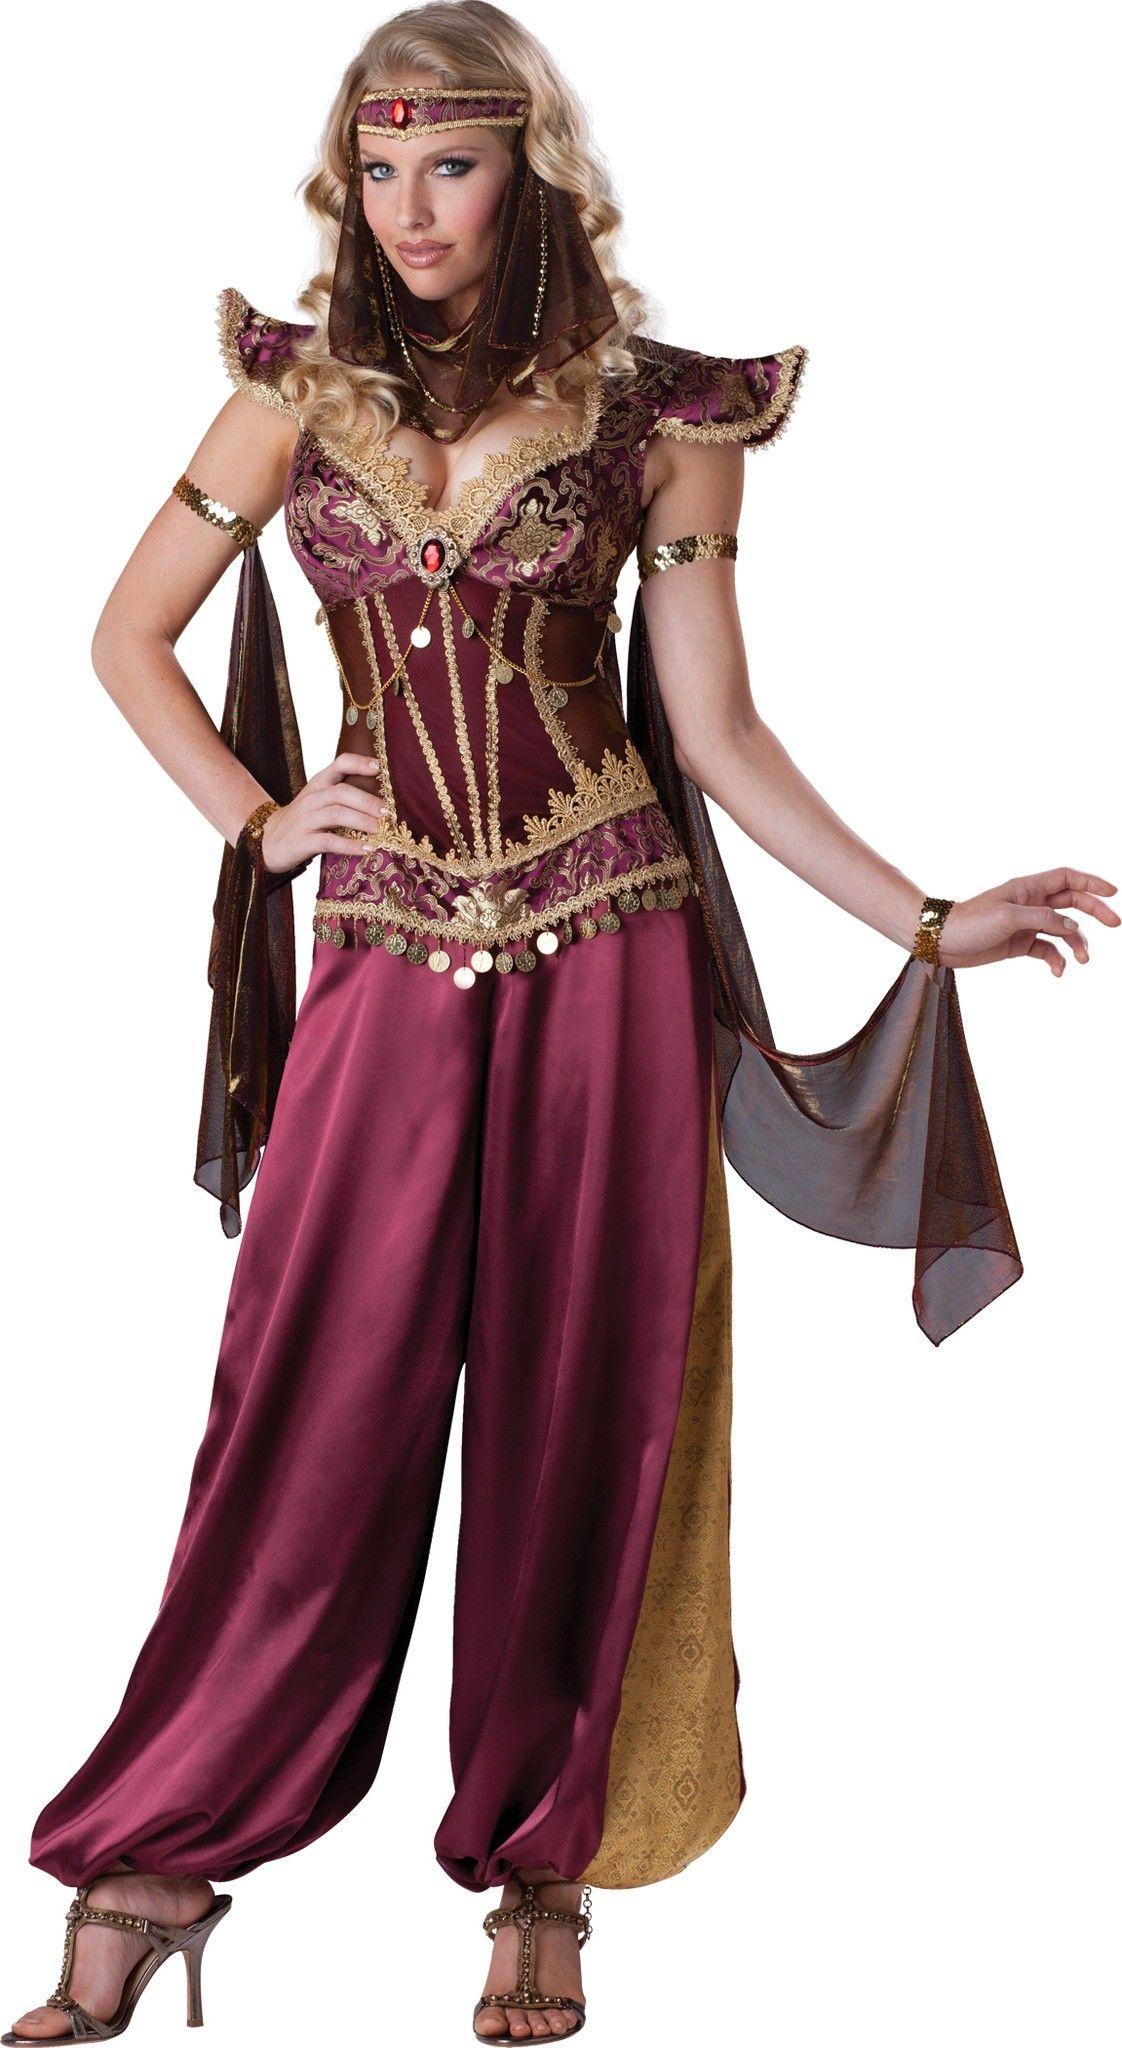 2eb4103c2e Fantasia Feminina Odalisca Luxo Festa Carnaval Halloween